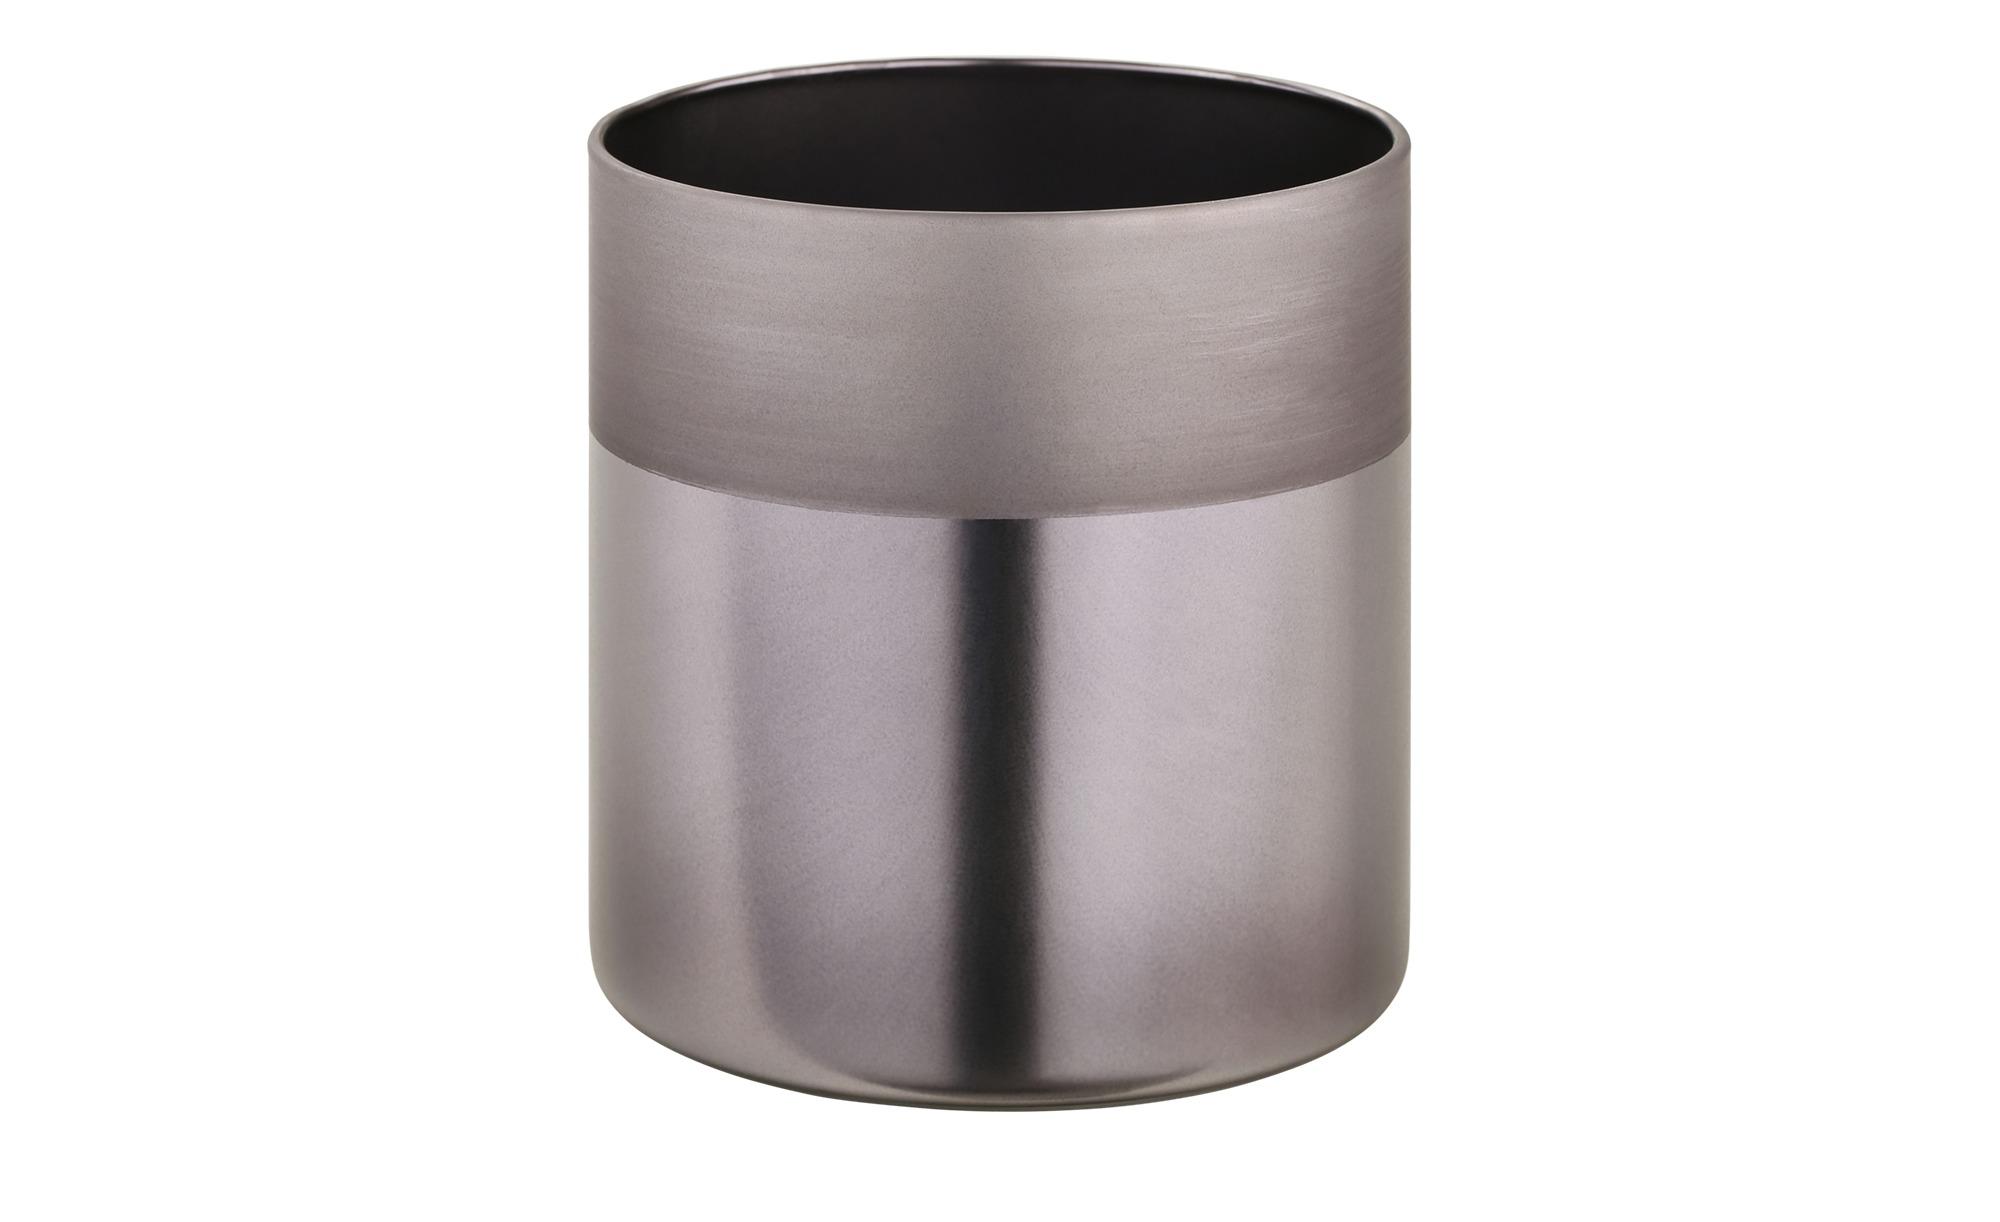 Silber glas kerzenständer online kaufen möbel suchmaschine